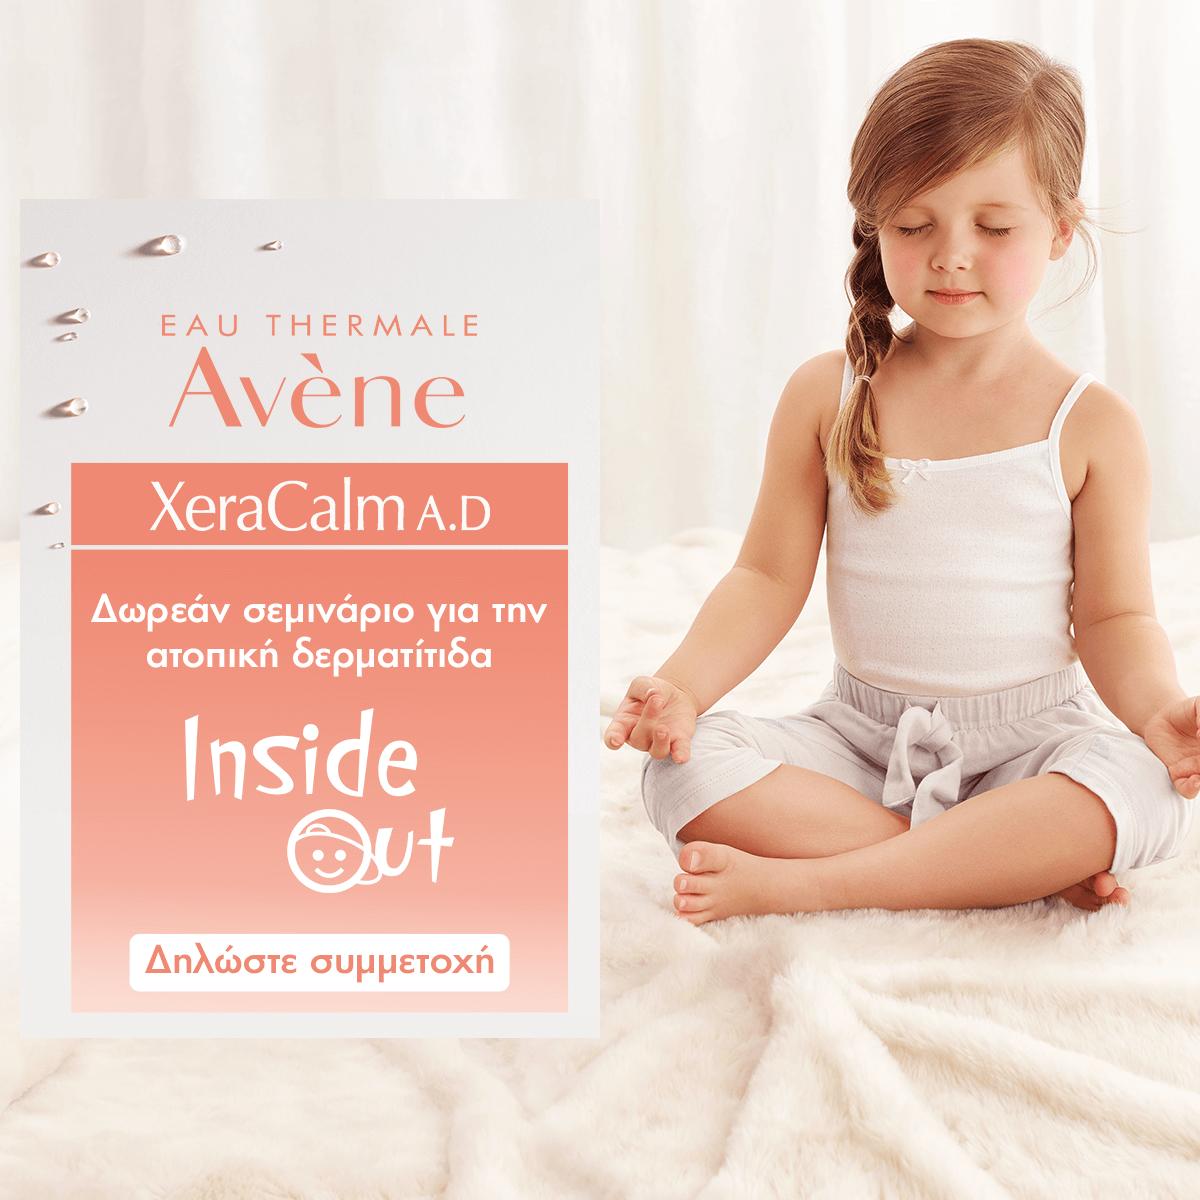 Η Avène στο πλευρό των παιδιών με Ατοπική Δερματίτιδα!